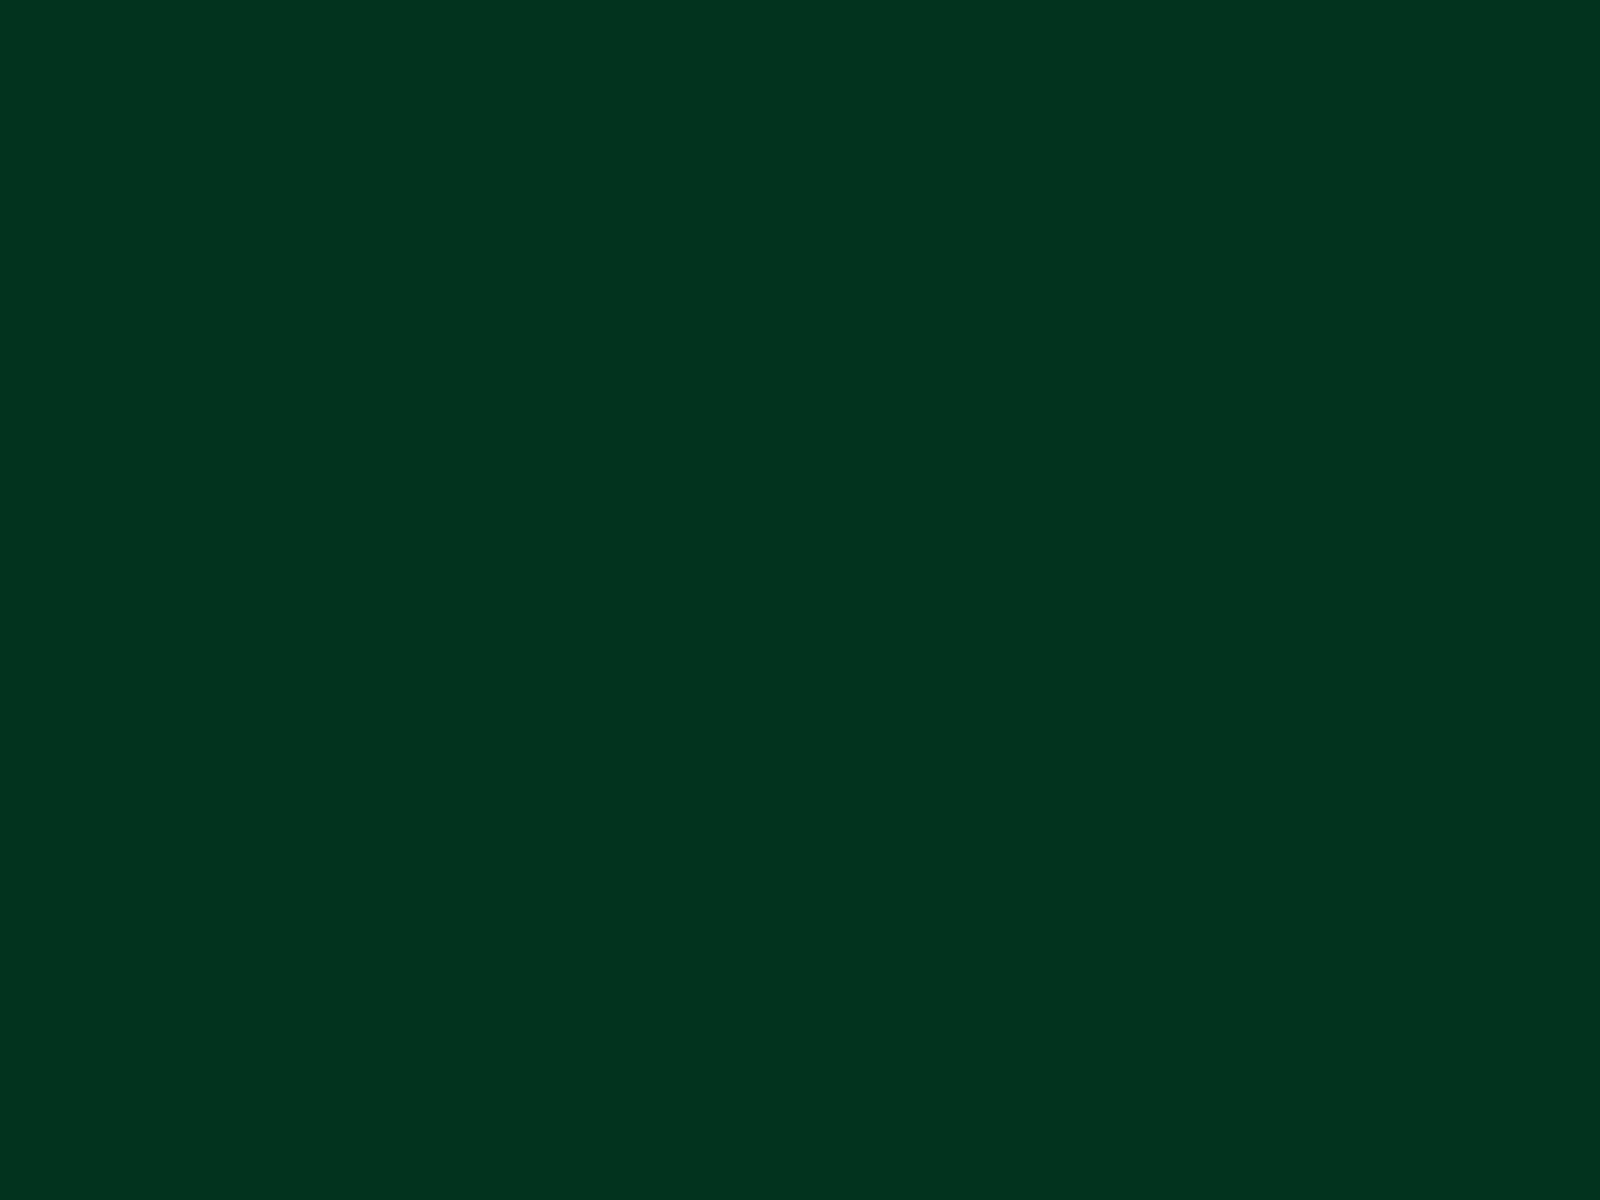 Dark Green Backgrounds 16001200 dark 1600x1200